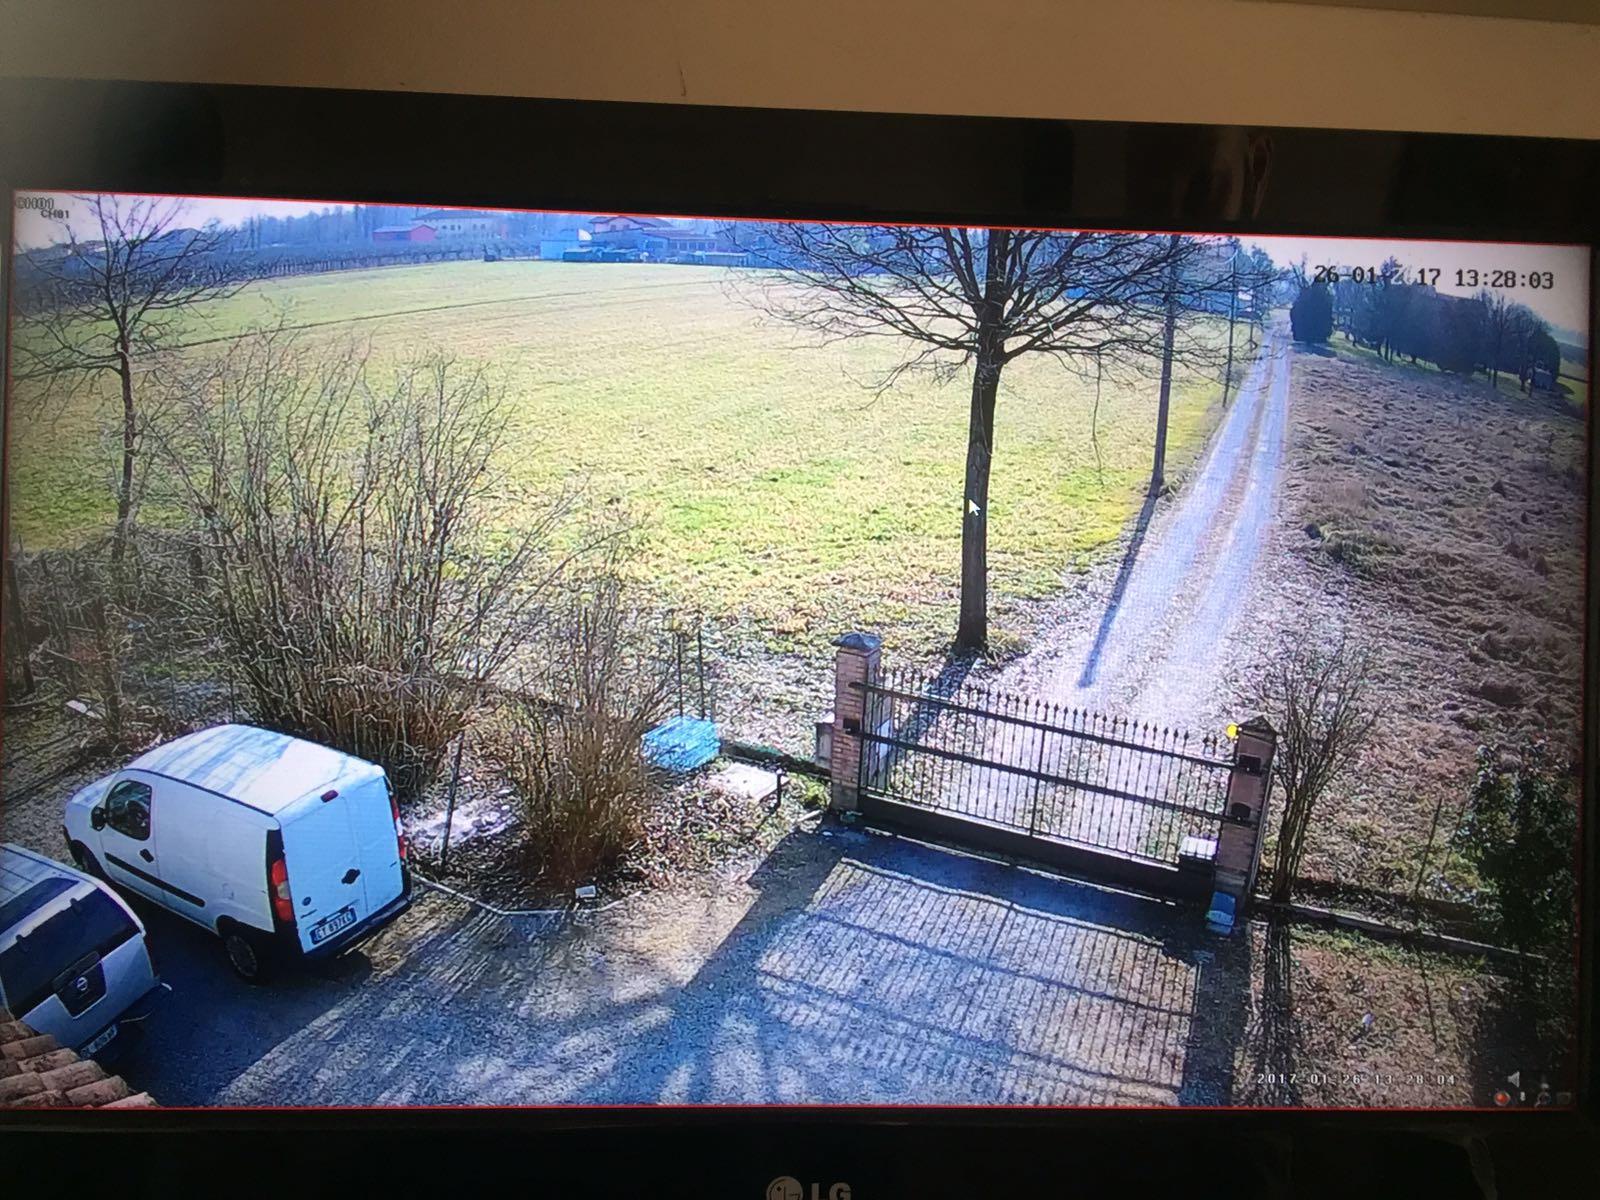 Allarme casa impianto di sicurezza dt6 falcoalarm - Impianto di allarme casa ...